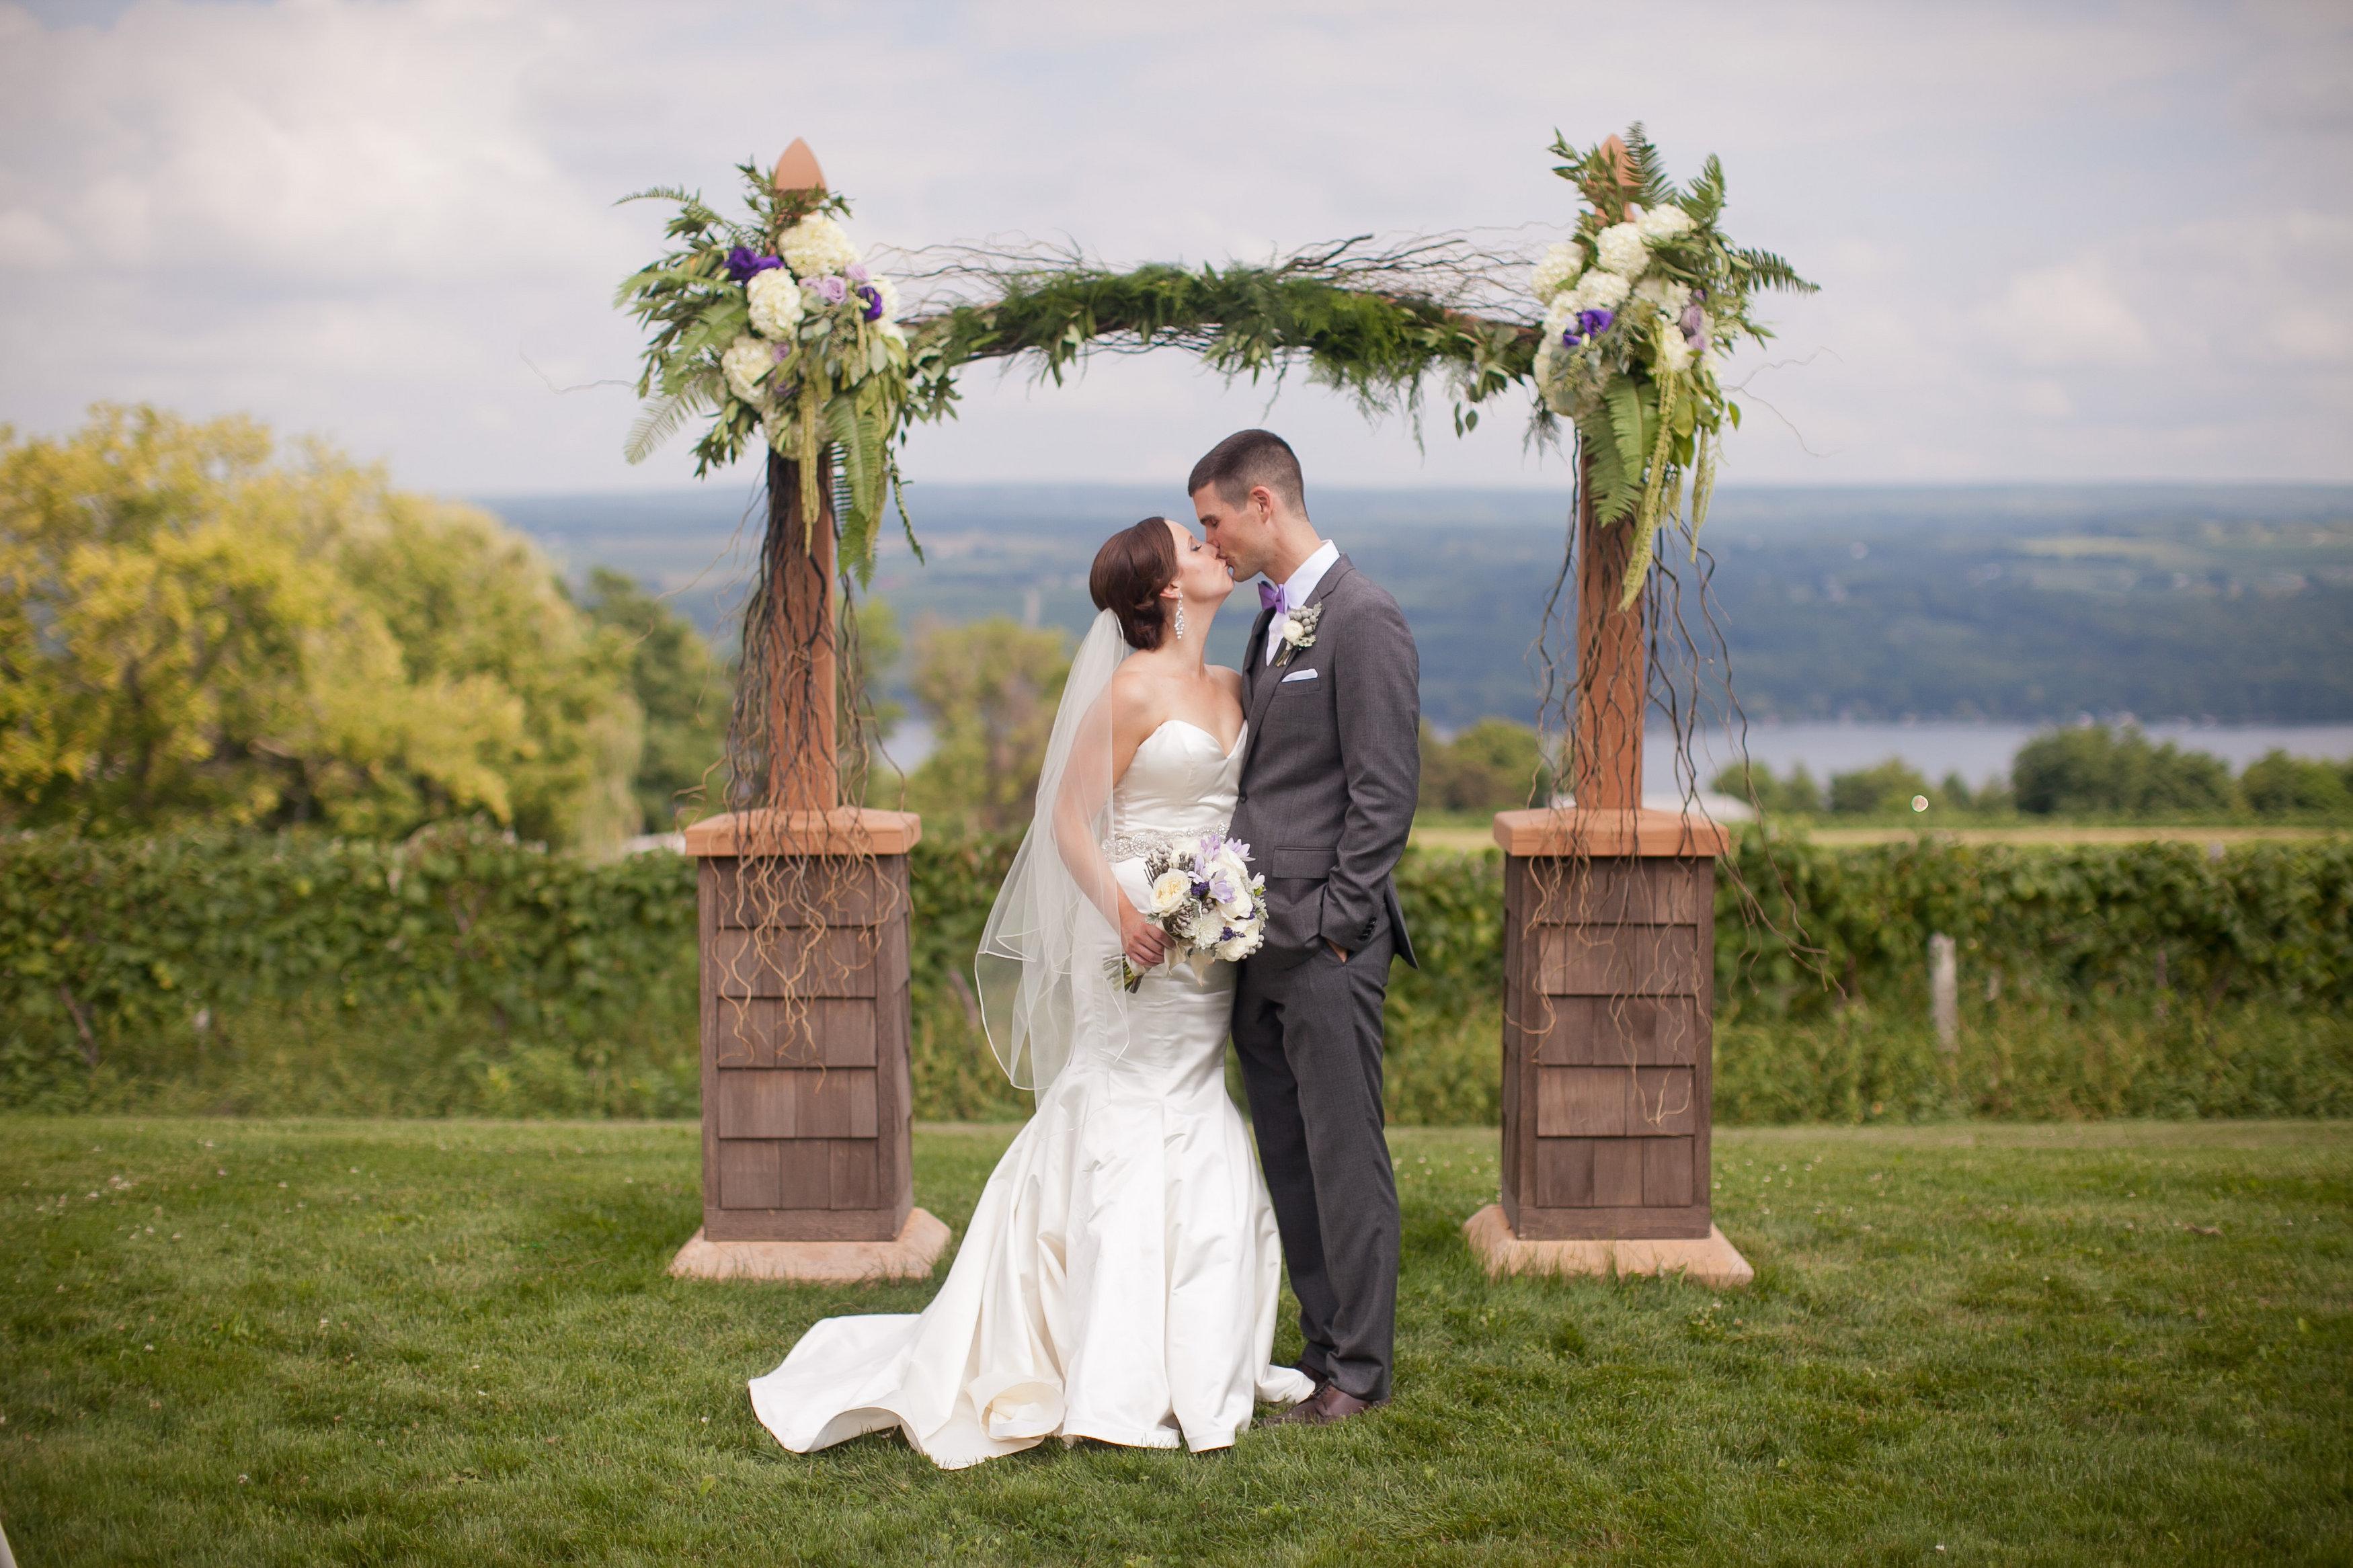 Glenora wine cellars weddings wedding testimonial for Where to go for honeymoon in september